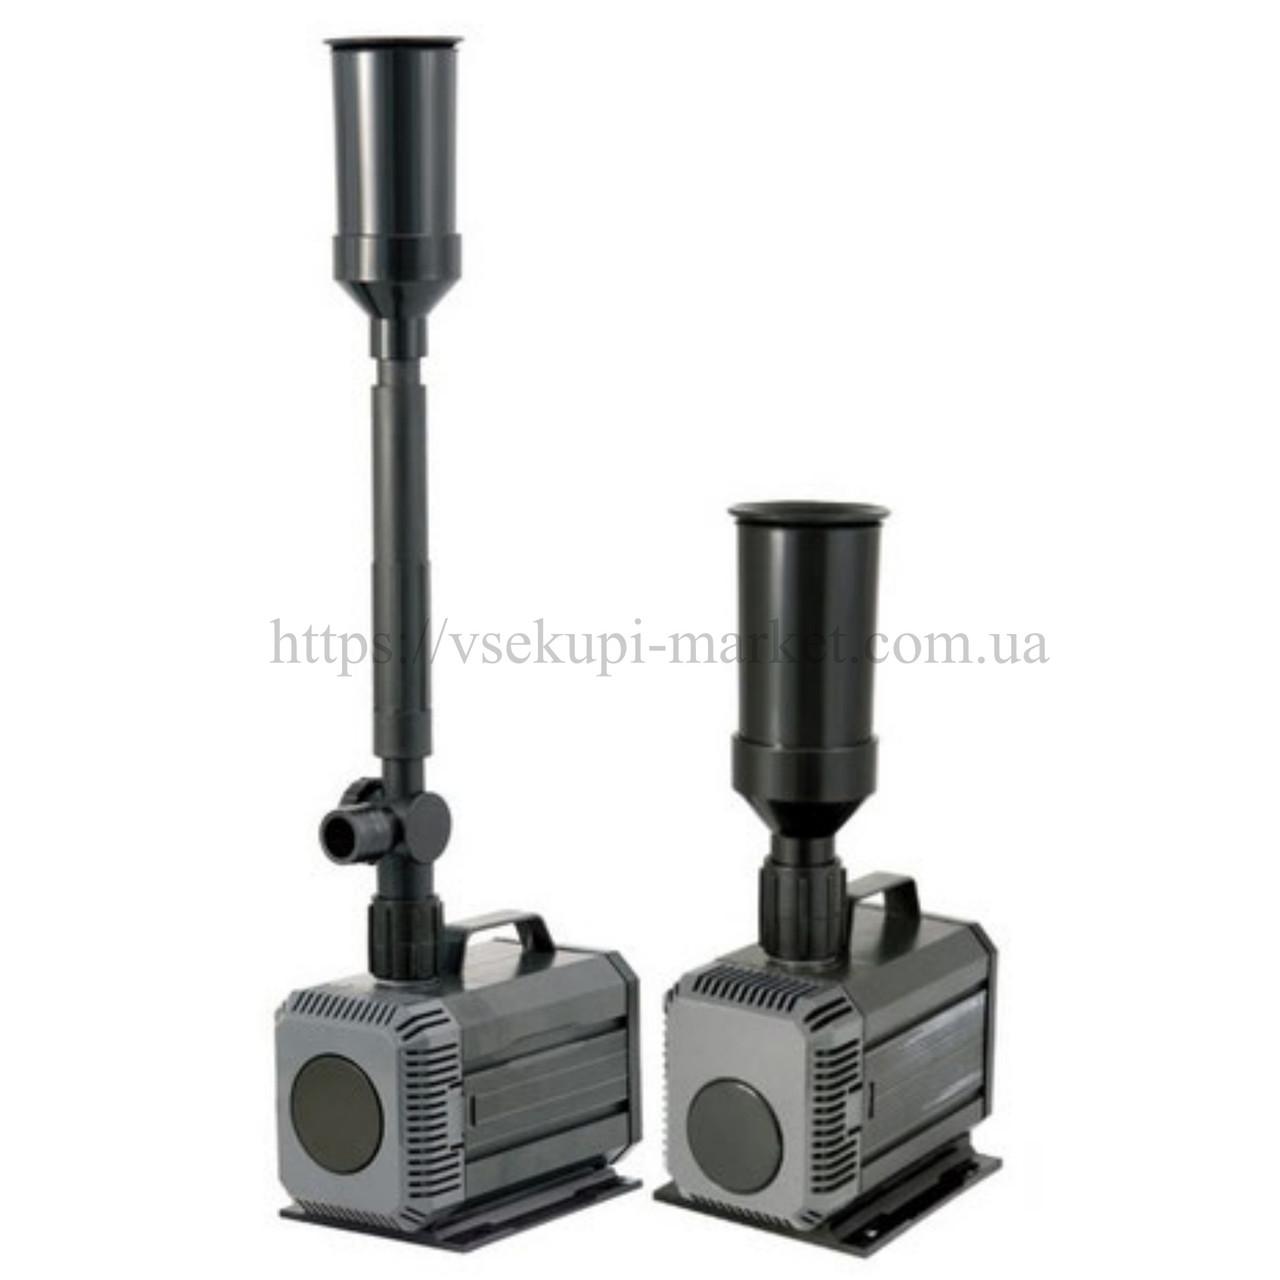 Насос для фонтанов Sprut FSP 3503